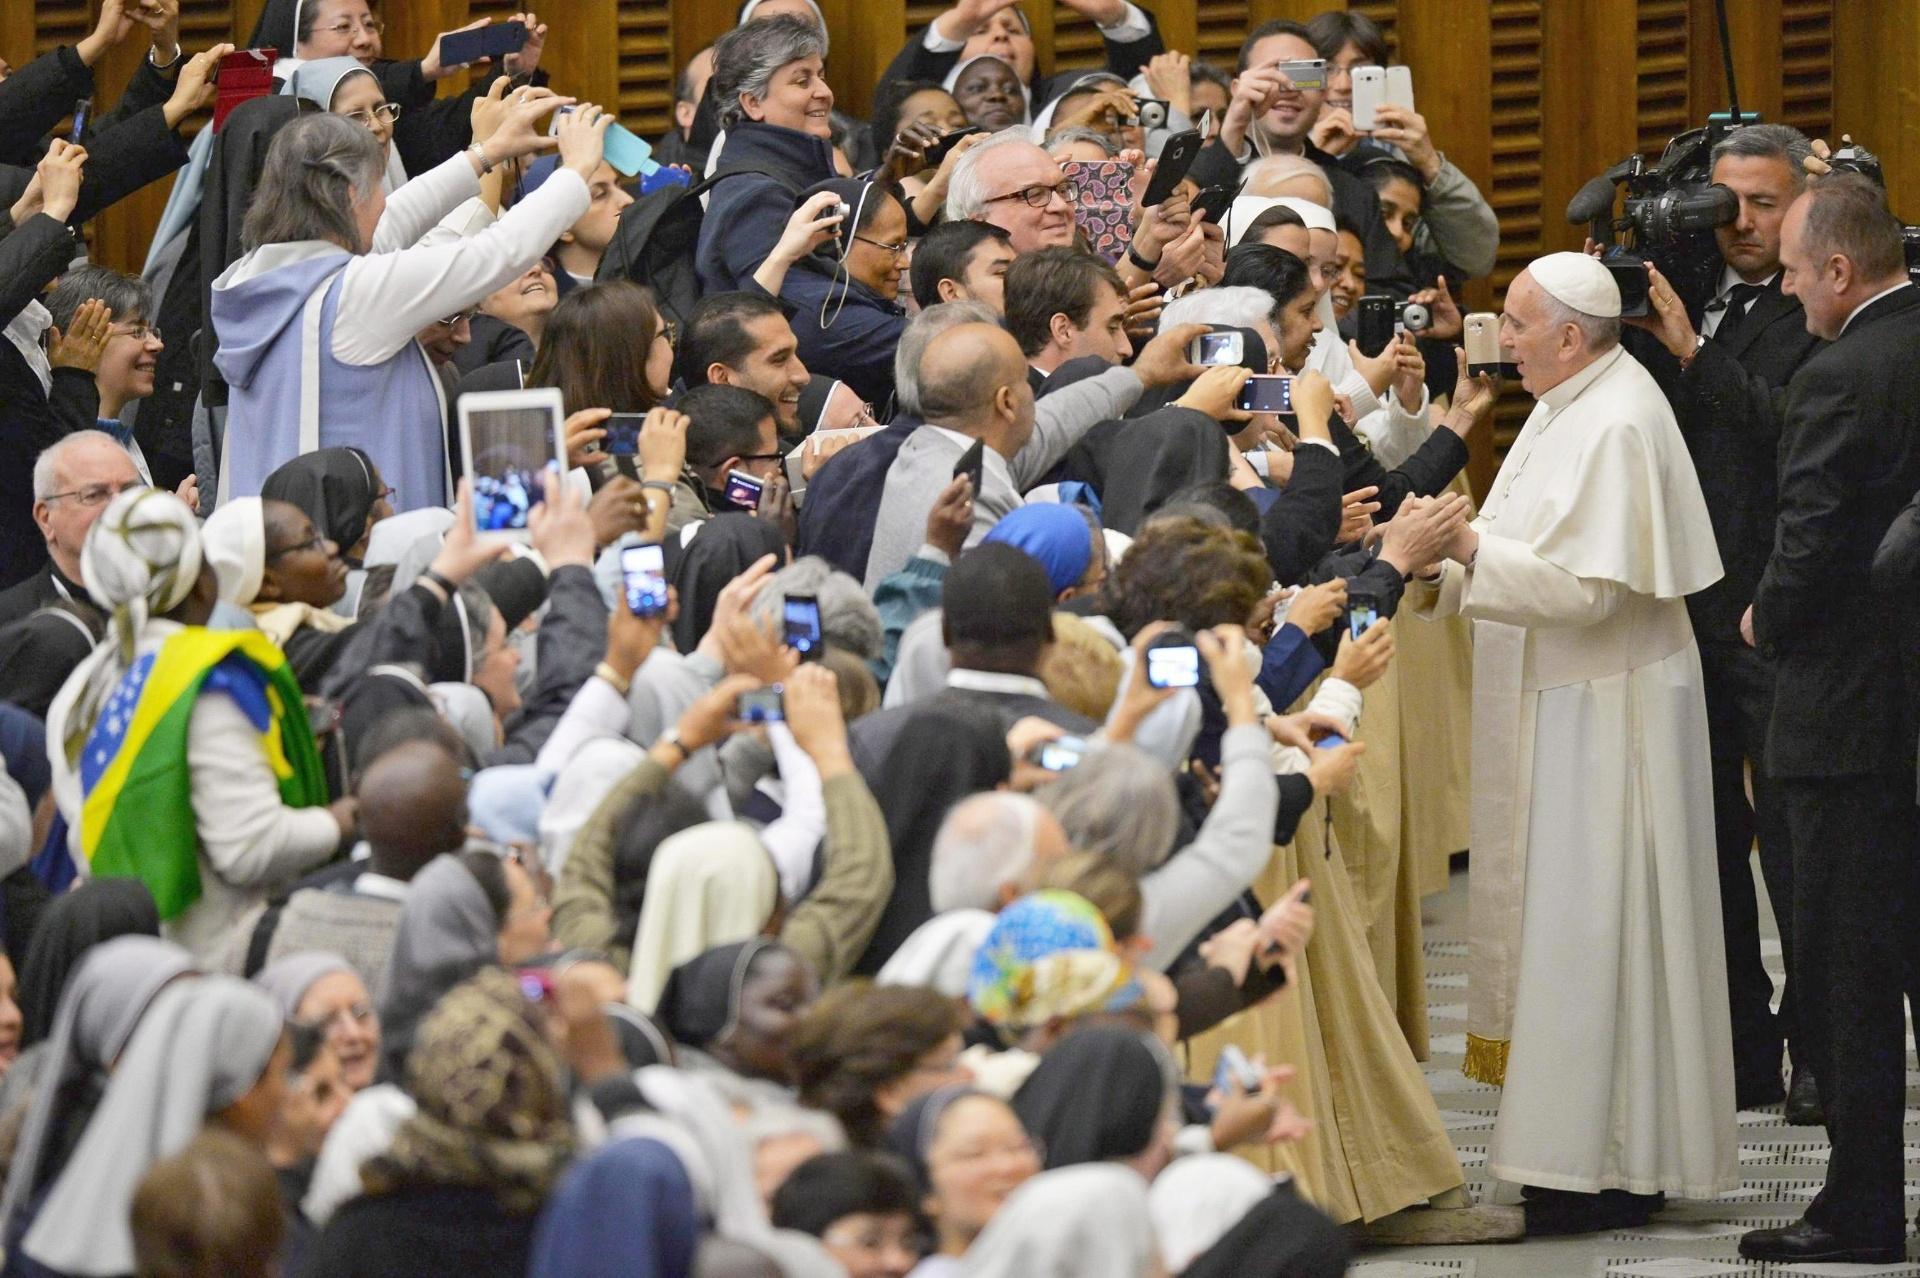 11.abr.2015 - O papa Francisco foi recebido por uma multidão de fiéis durante reunião com autoridades do Vaticano, neste sábado (11). Em mensagem enviada aos líderes reunidos na Cúpula das Américas, no Panamá, o pontífice pediu um esforço na luta contra a